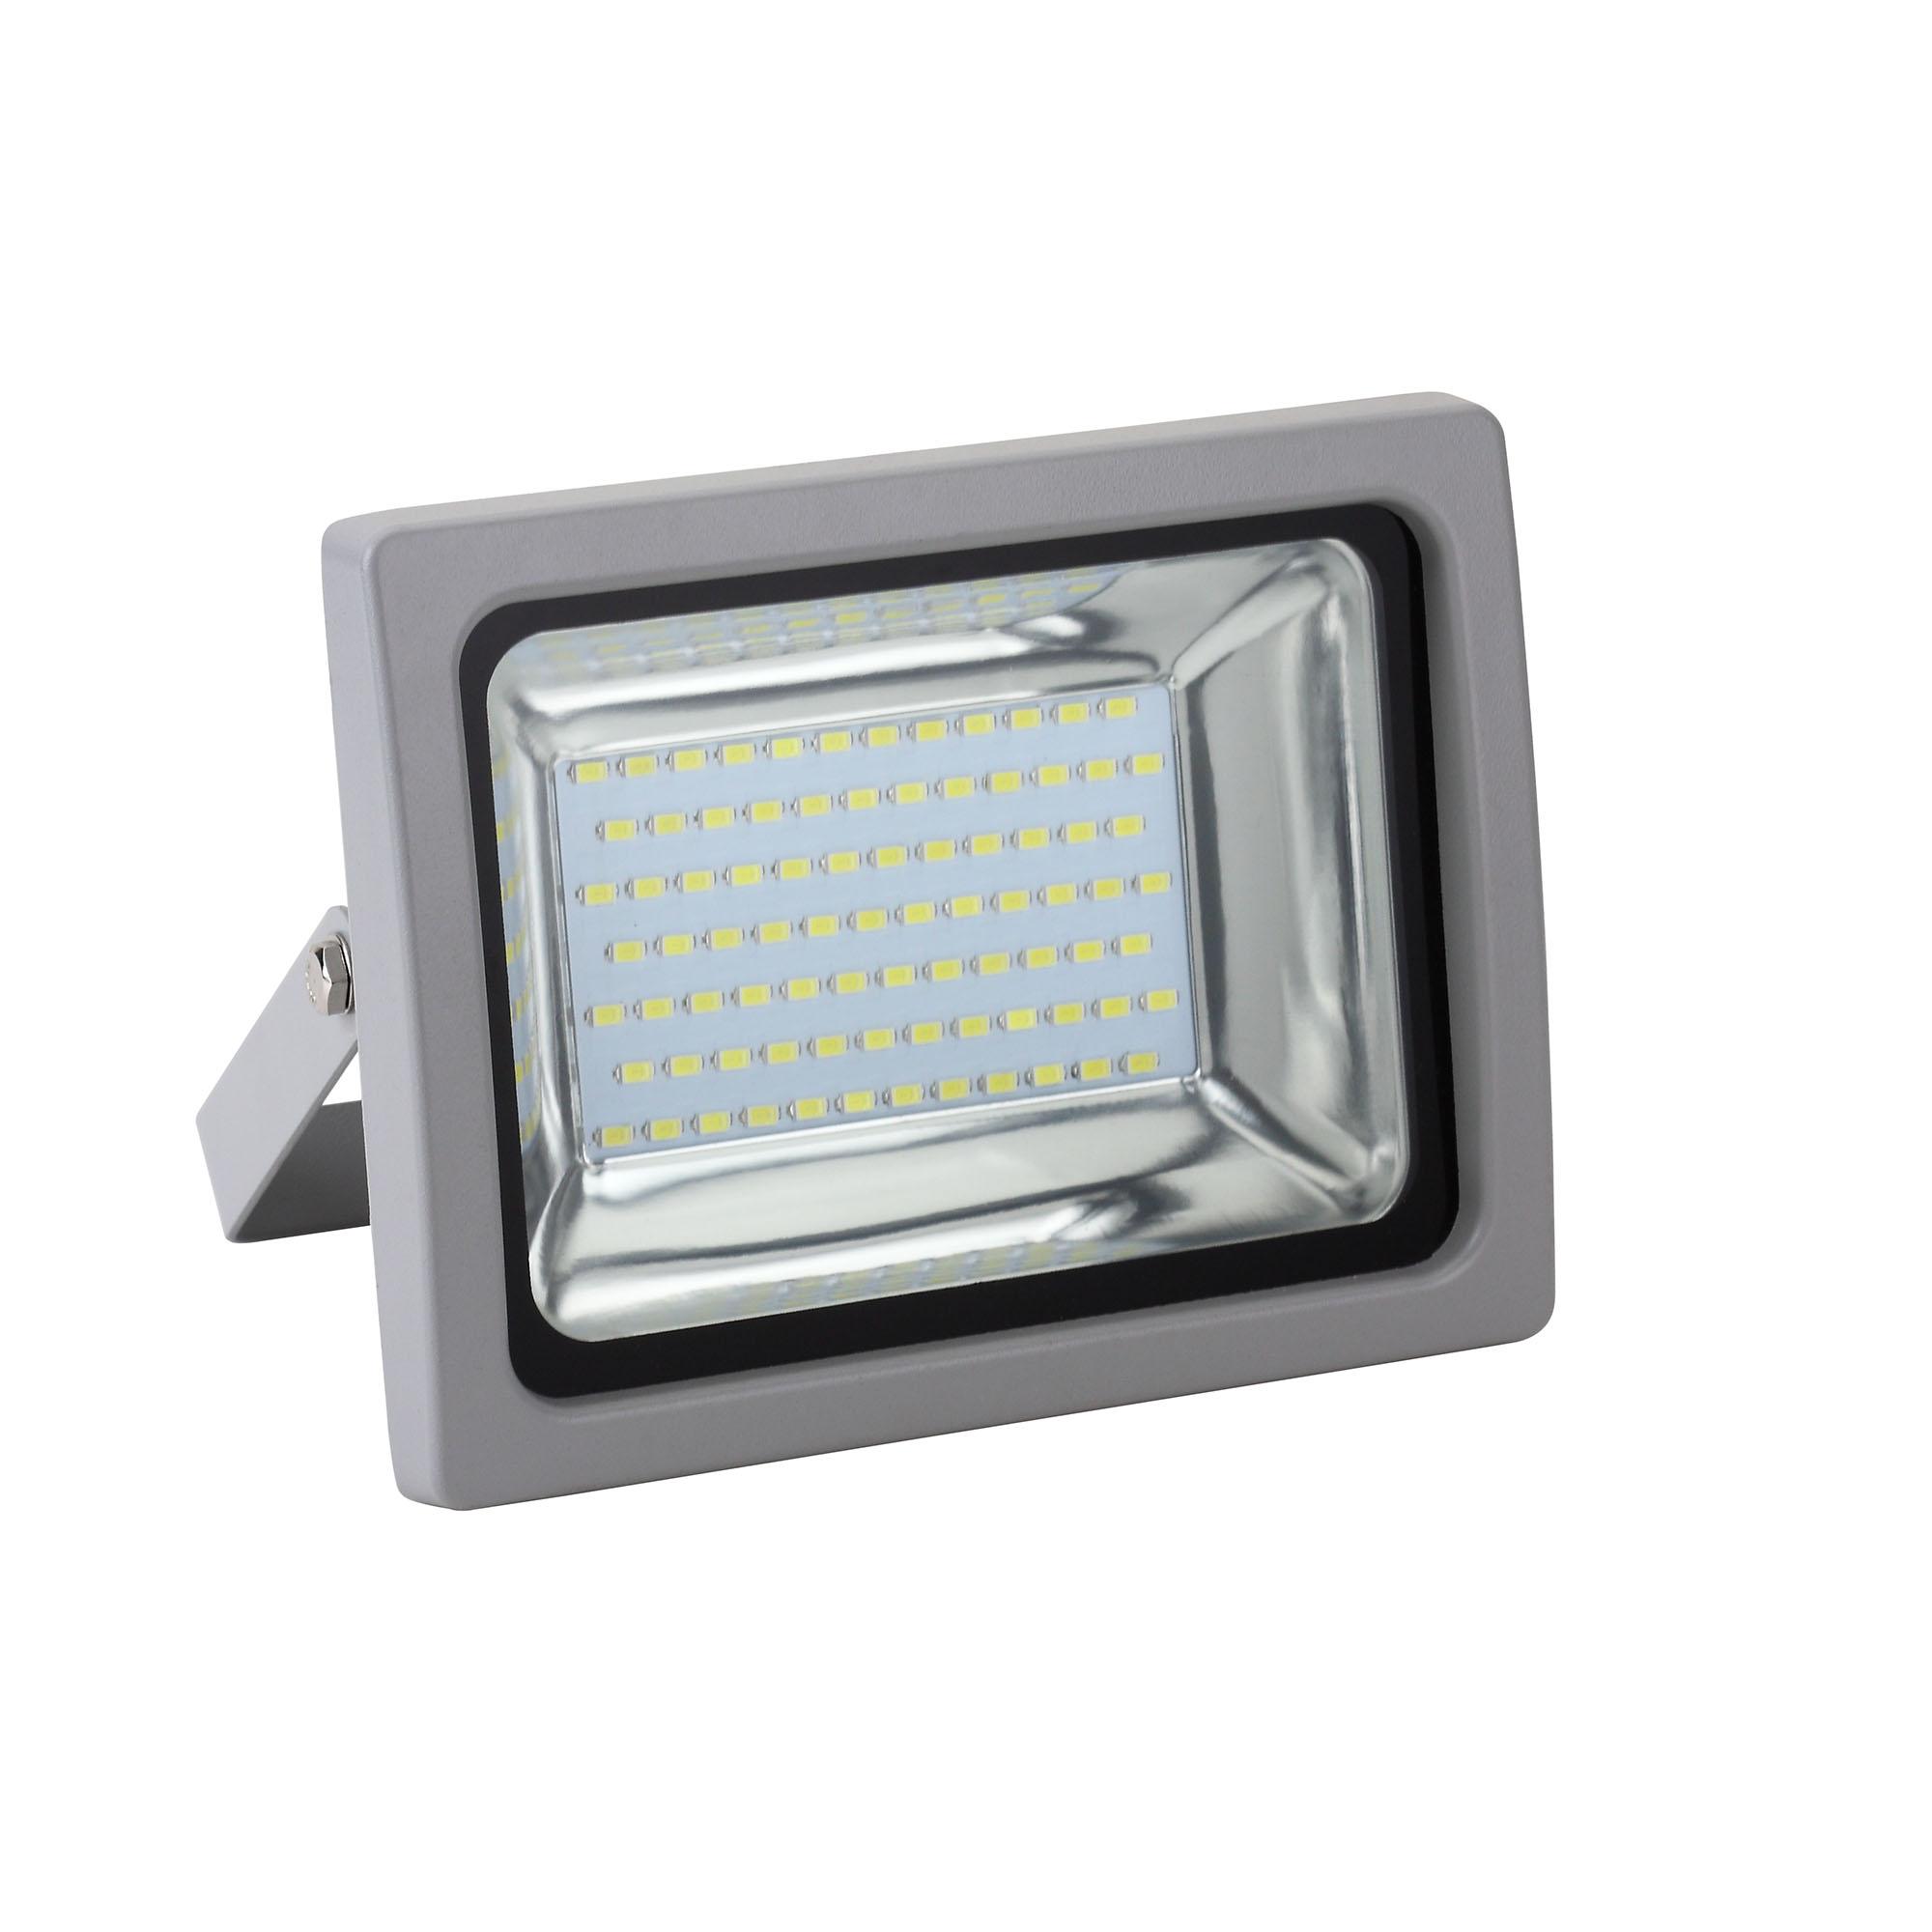 Светодиодный прожектор Uniel Ulf-s04-30w/nw 30Вт светодиодный, свет белый ip65 85-265В